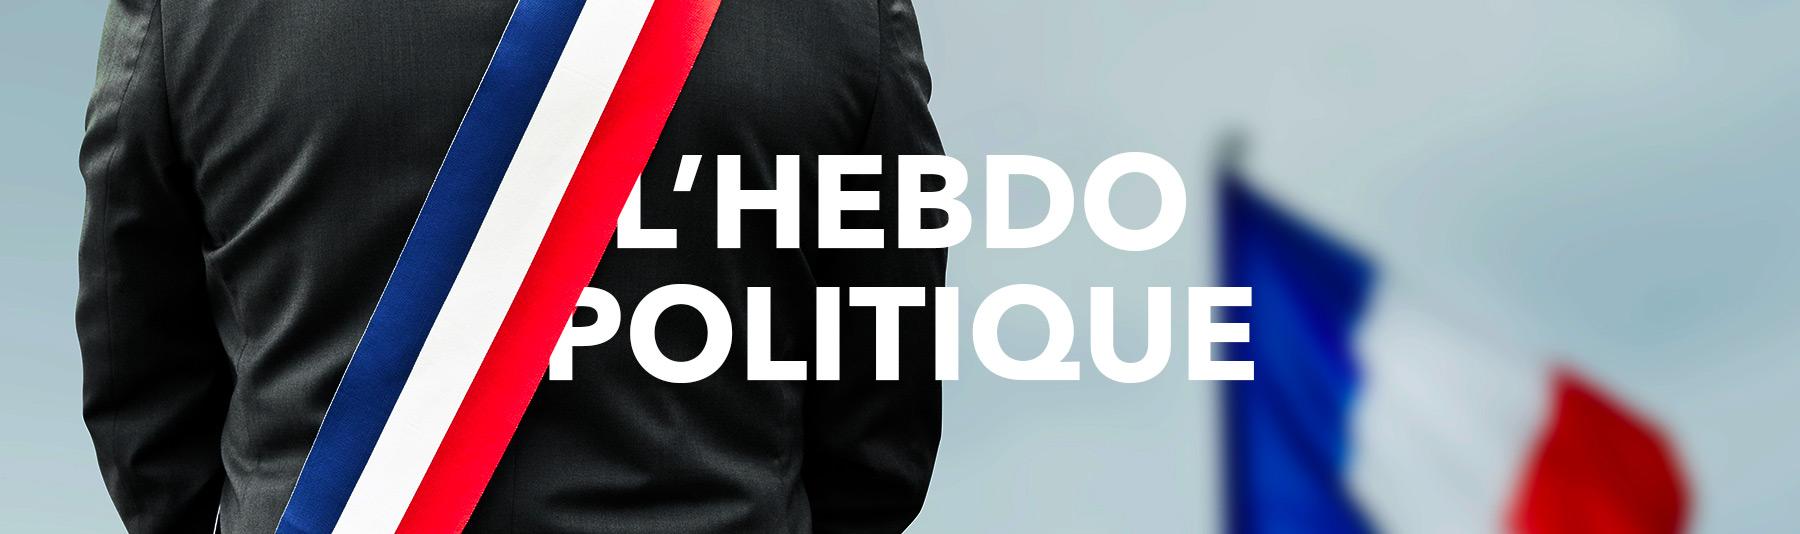 L'Hebdo Politique Normandie